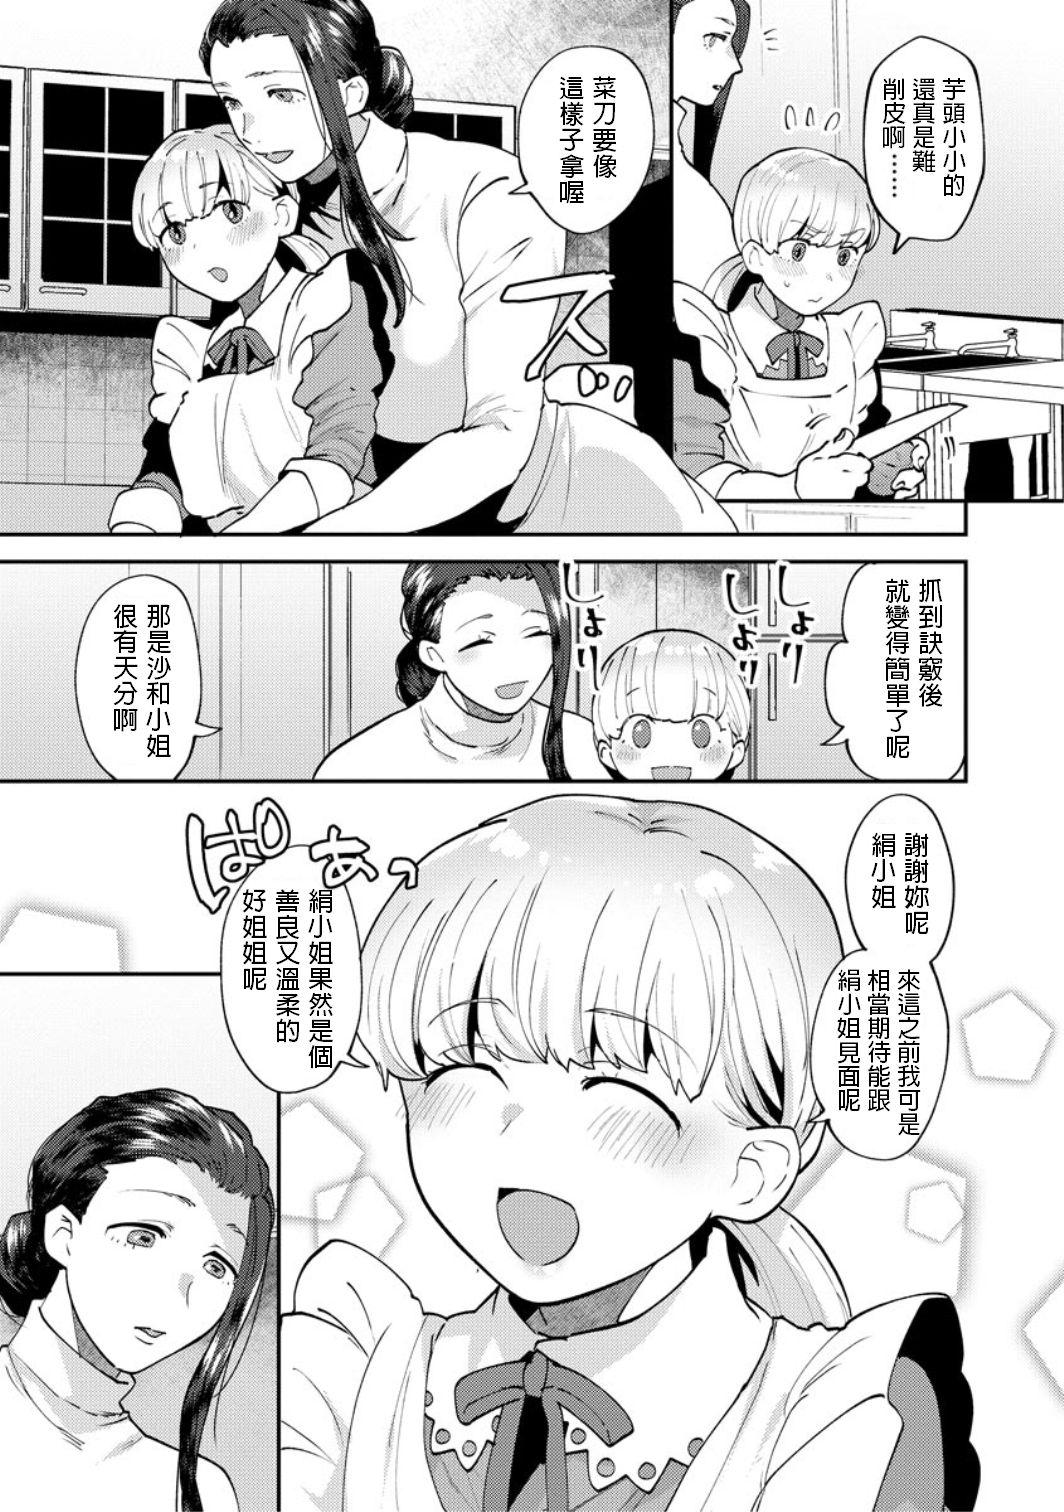 [Mogiki Hayami] Mayugomori ~Neeya to Boku no Midara na Himegoto~ Ch. 4 (Magazine Cyberia Vol. 132) [Chinese] 6